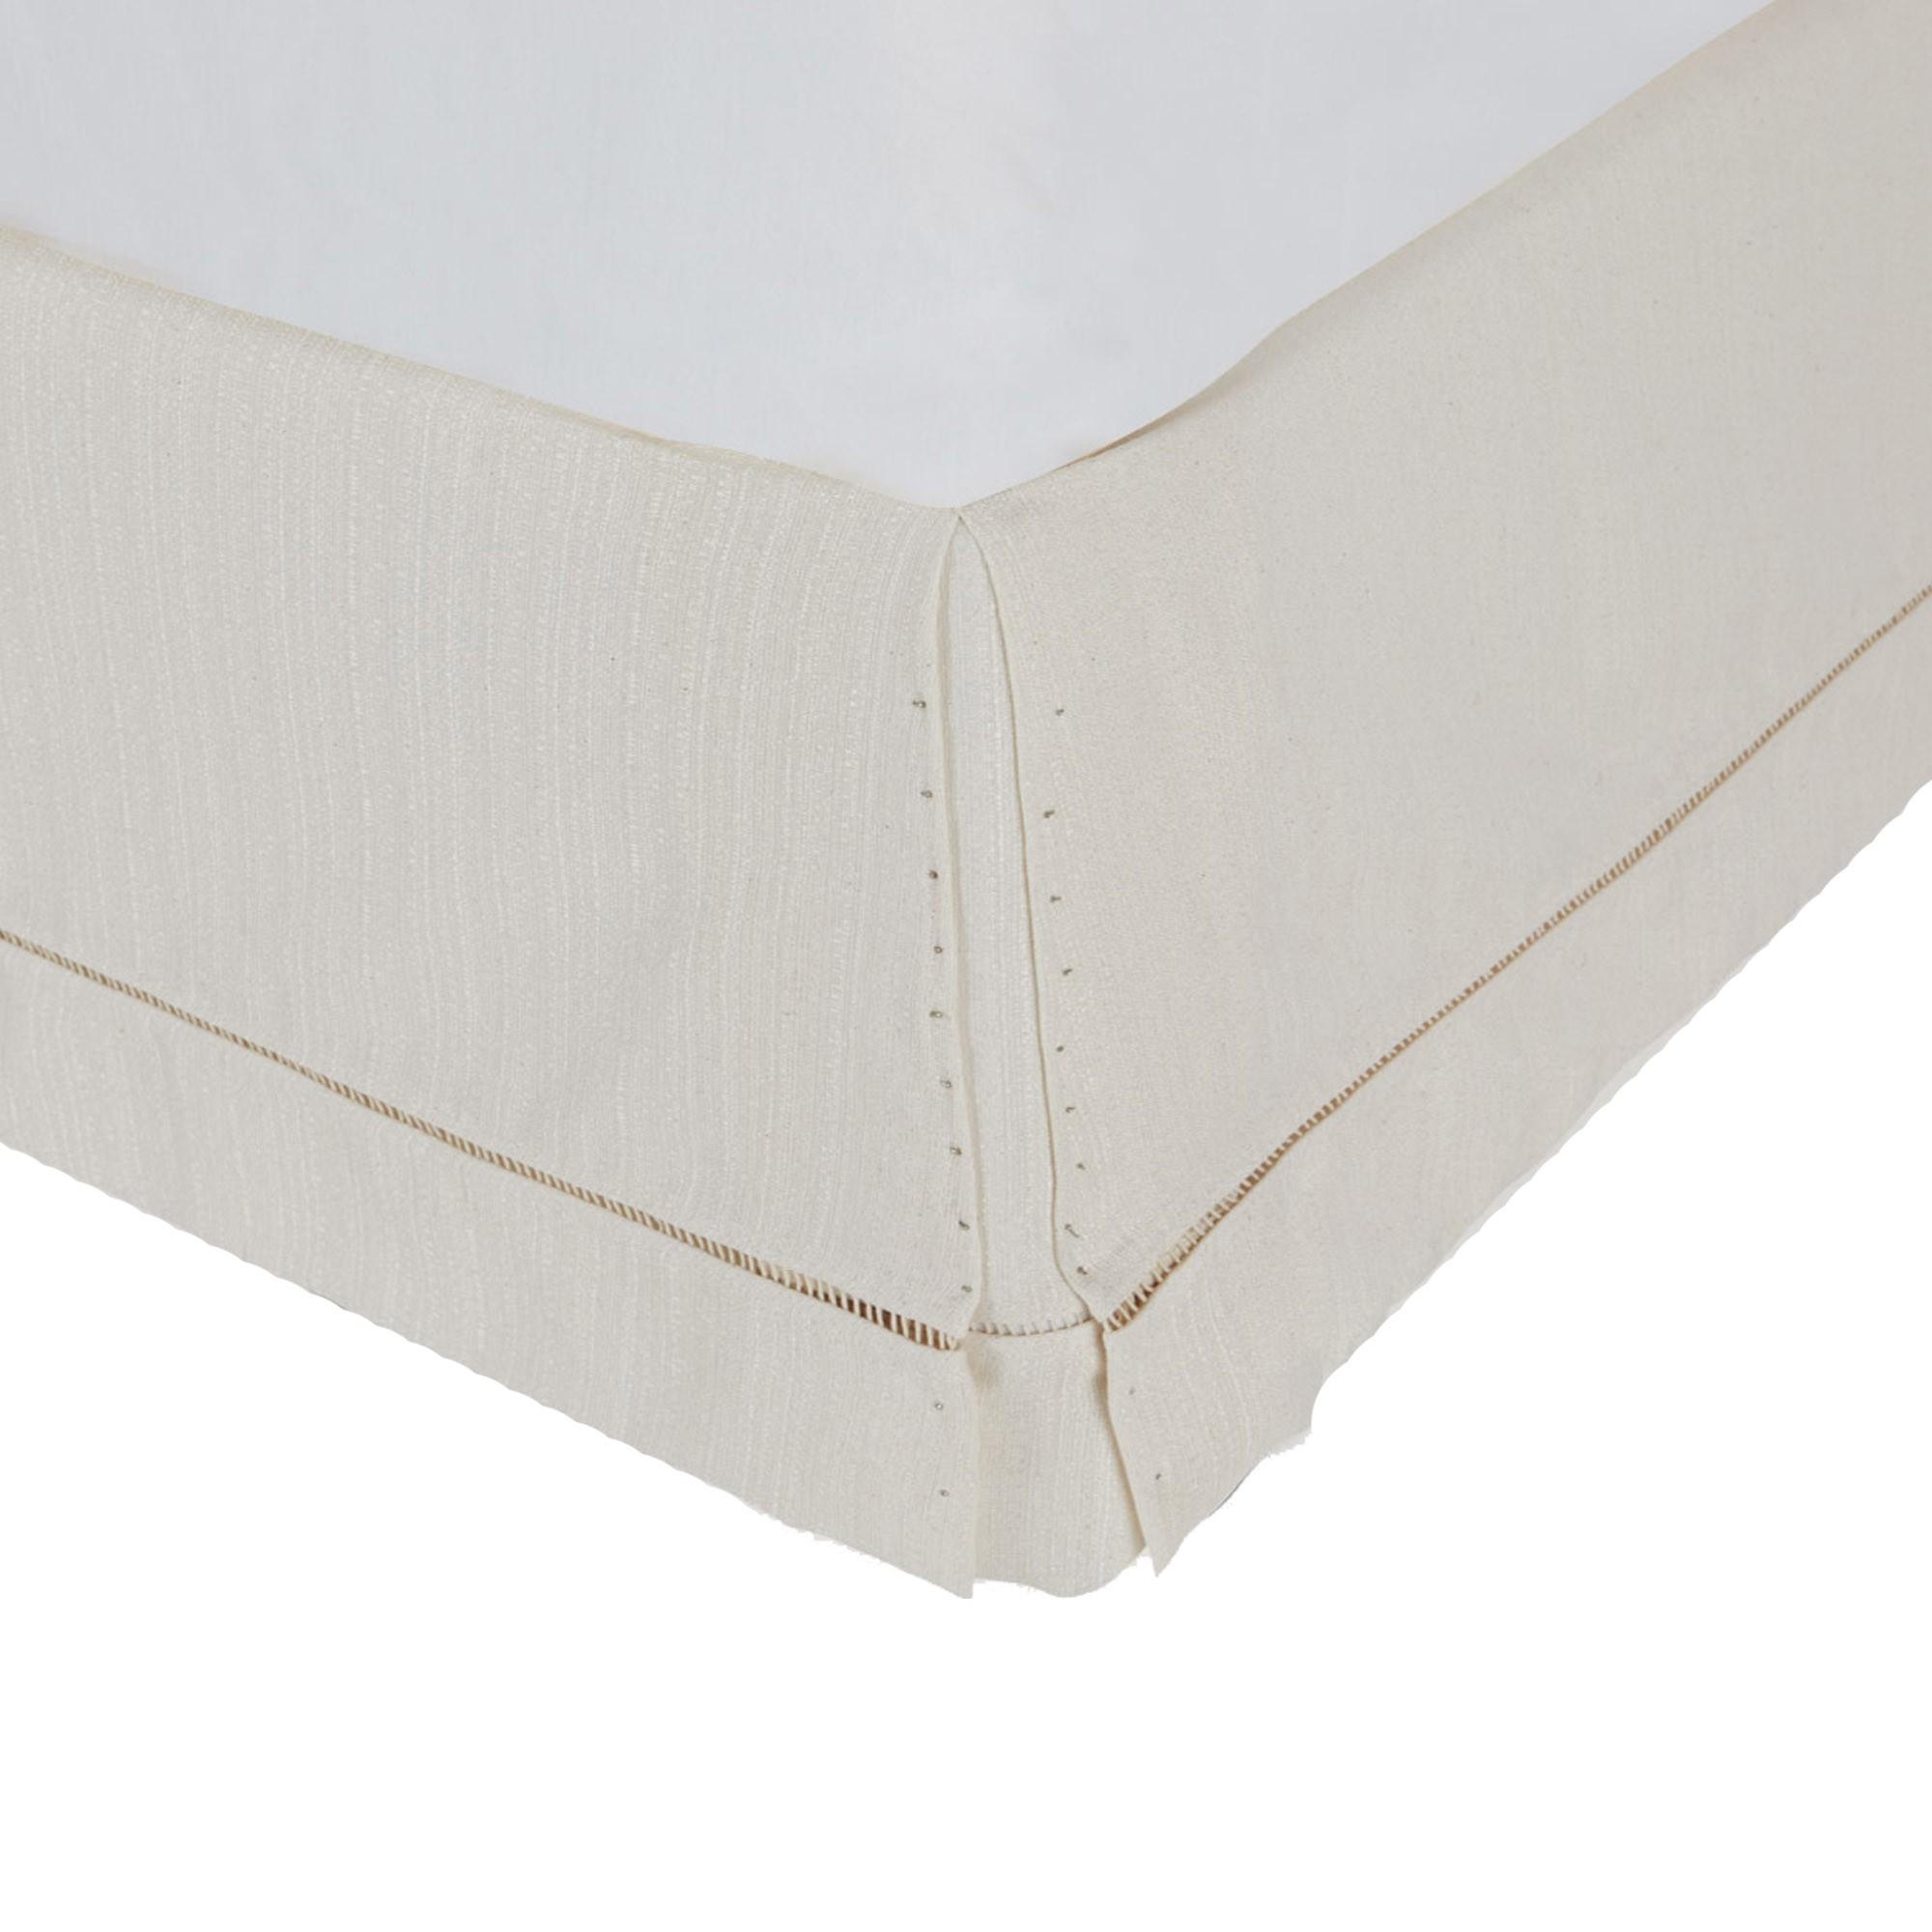 Saia para Cama Box com Ponto Palito Bege [Casal 138 x 188 cm]